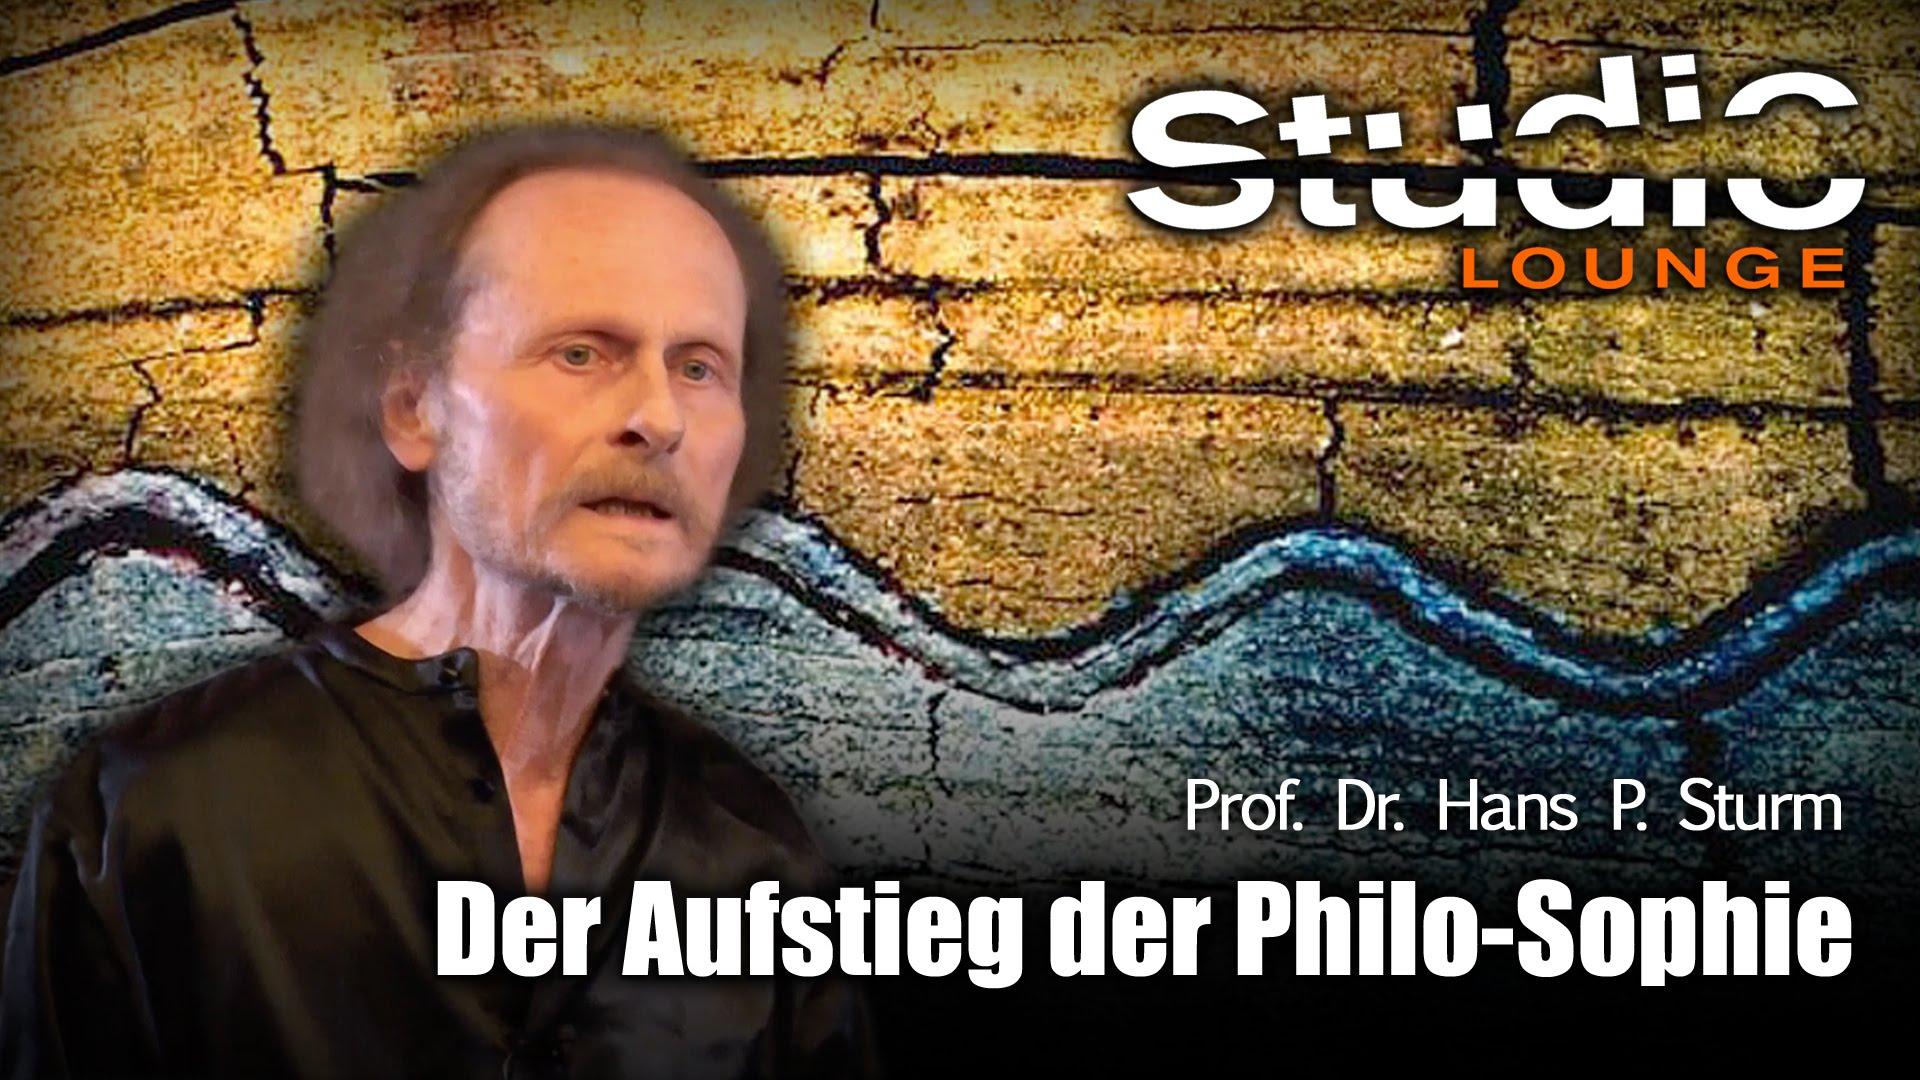 Der Aufstieg der Philo-Sophie – Prof. Dr. Hans P. Sturm